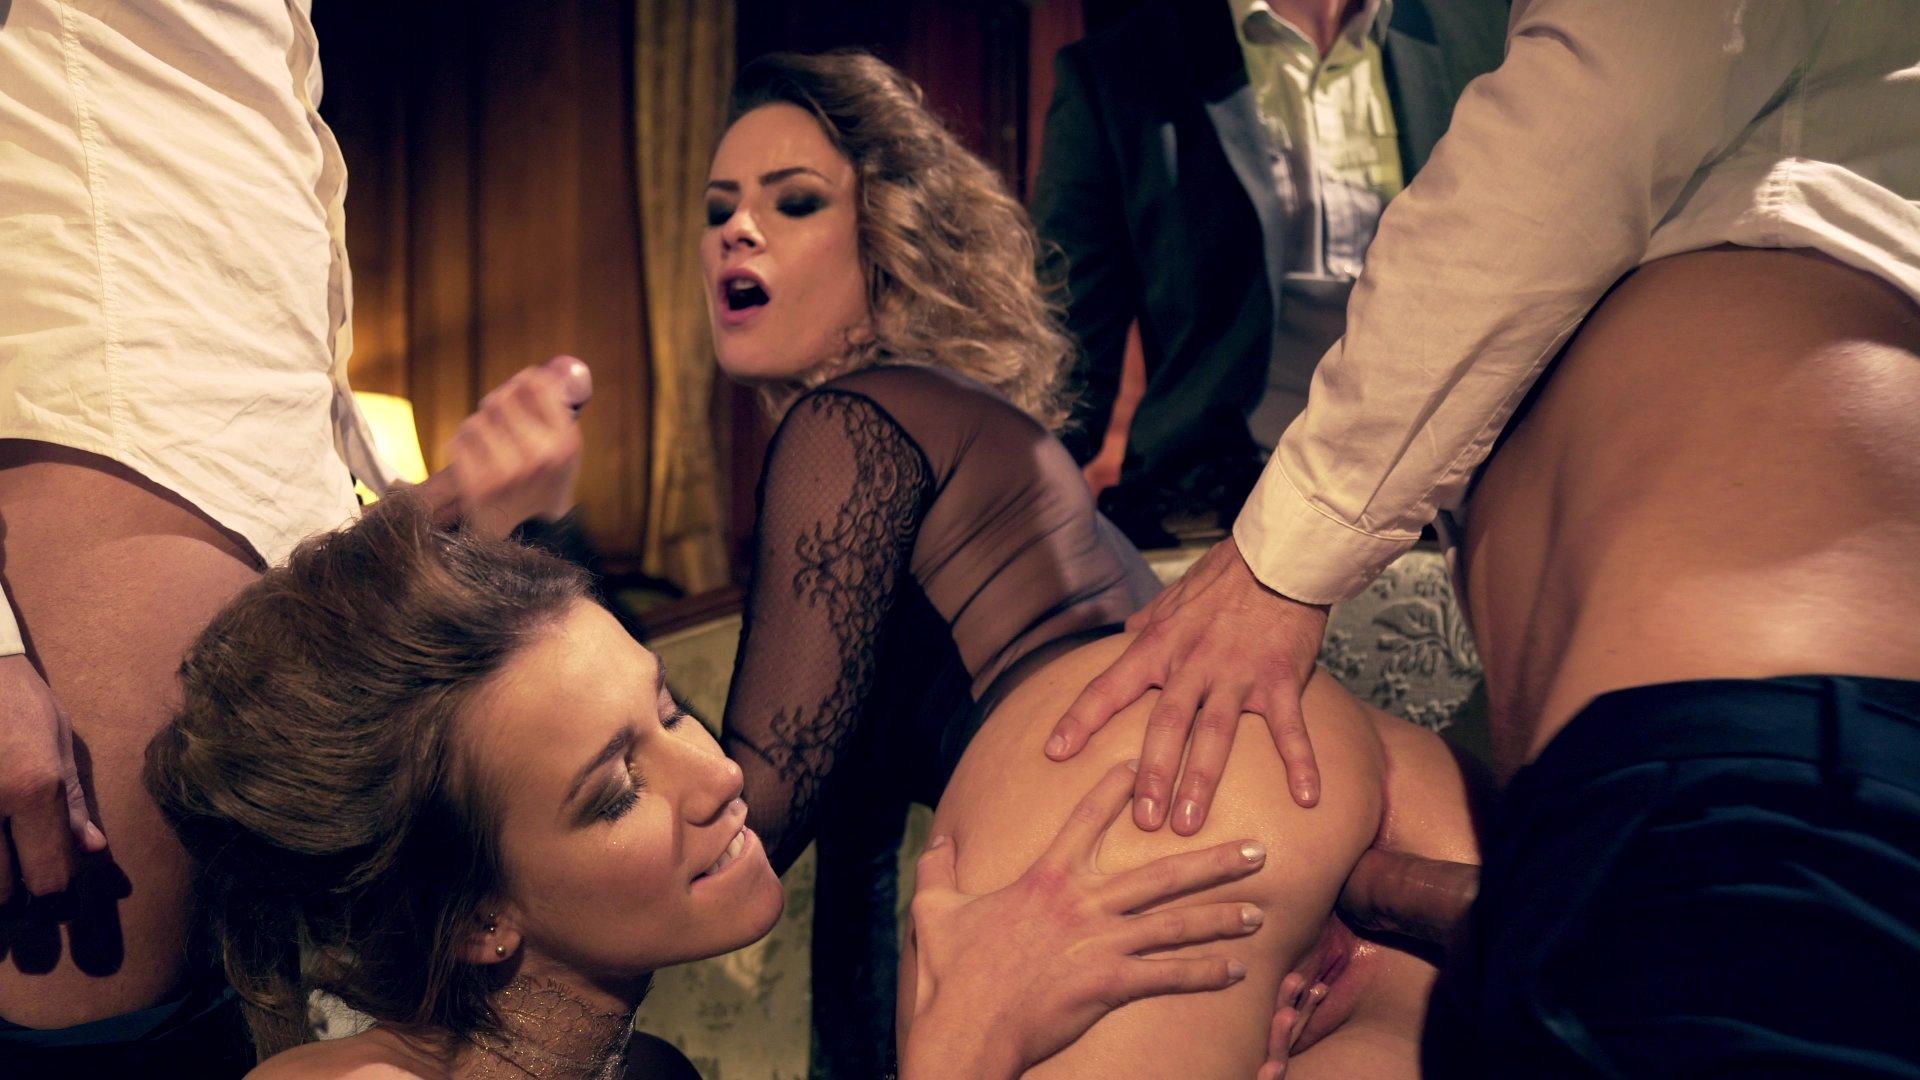 Szex A Biliárd Asztalon - Online szex videók pornó film